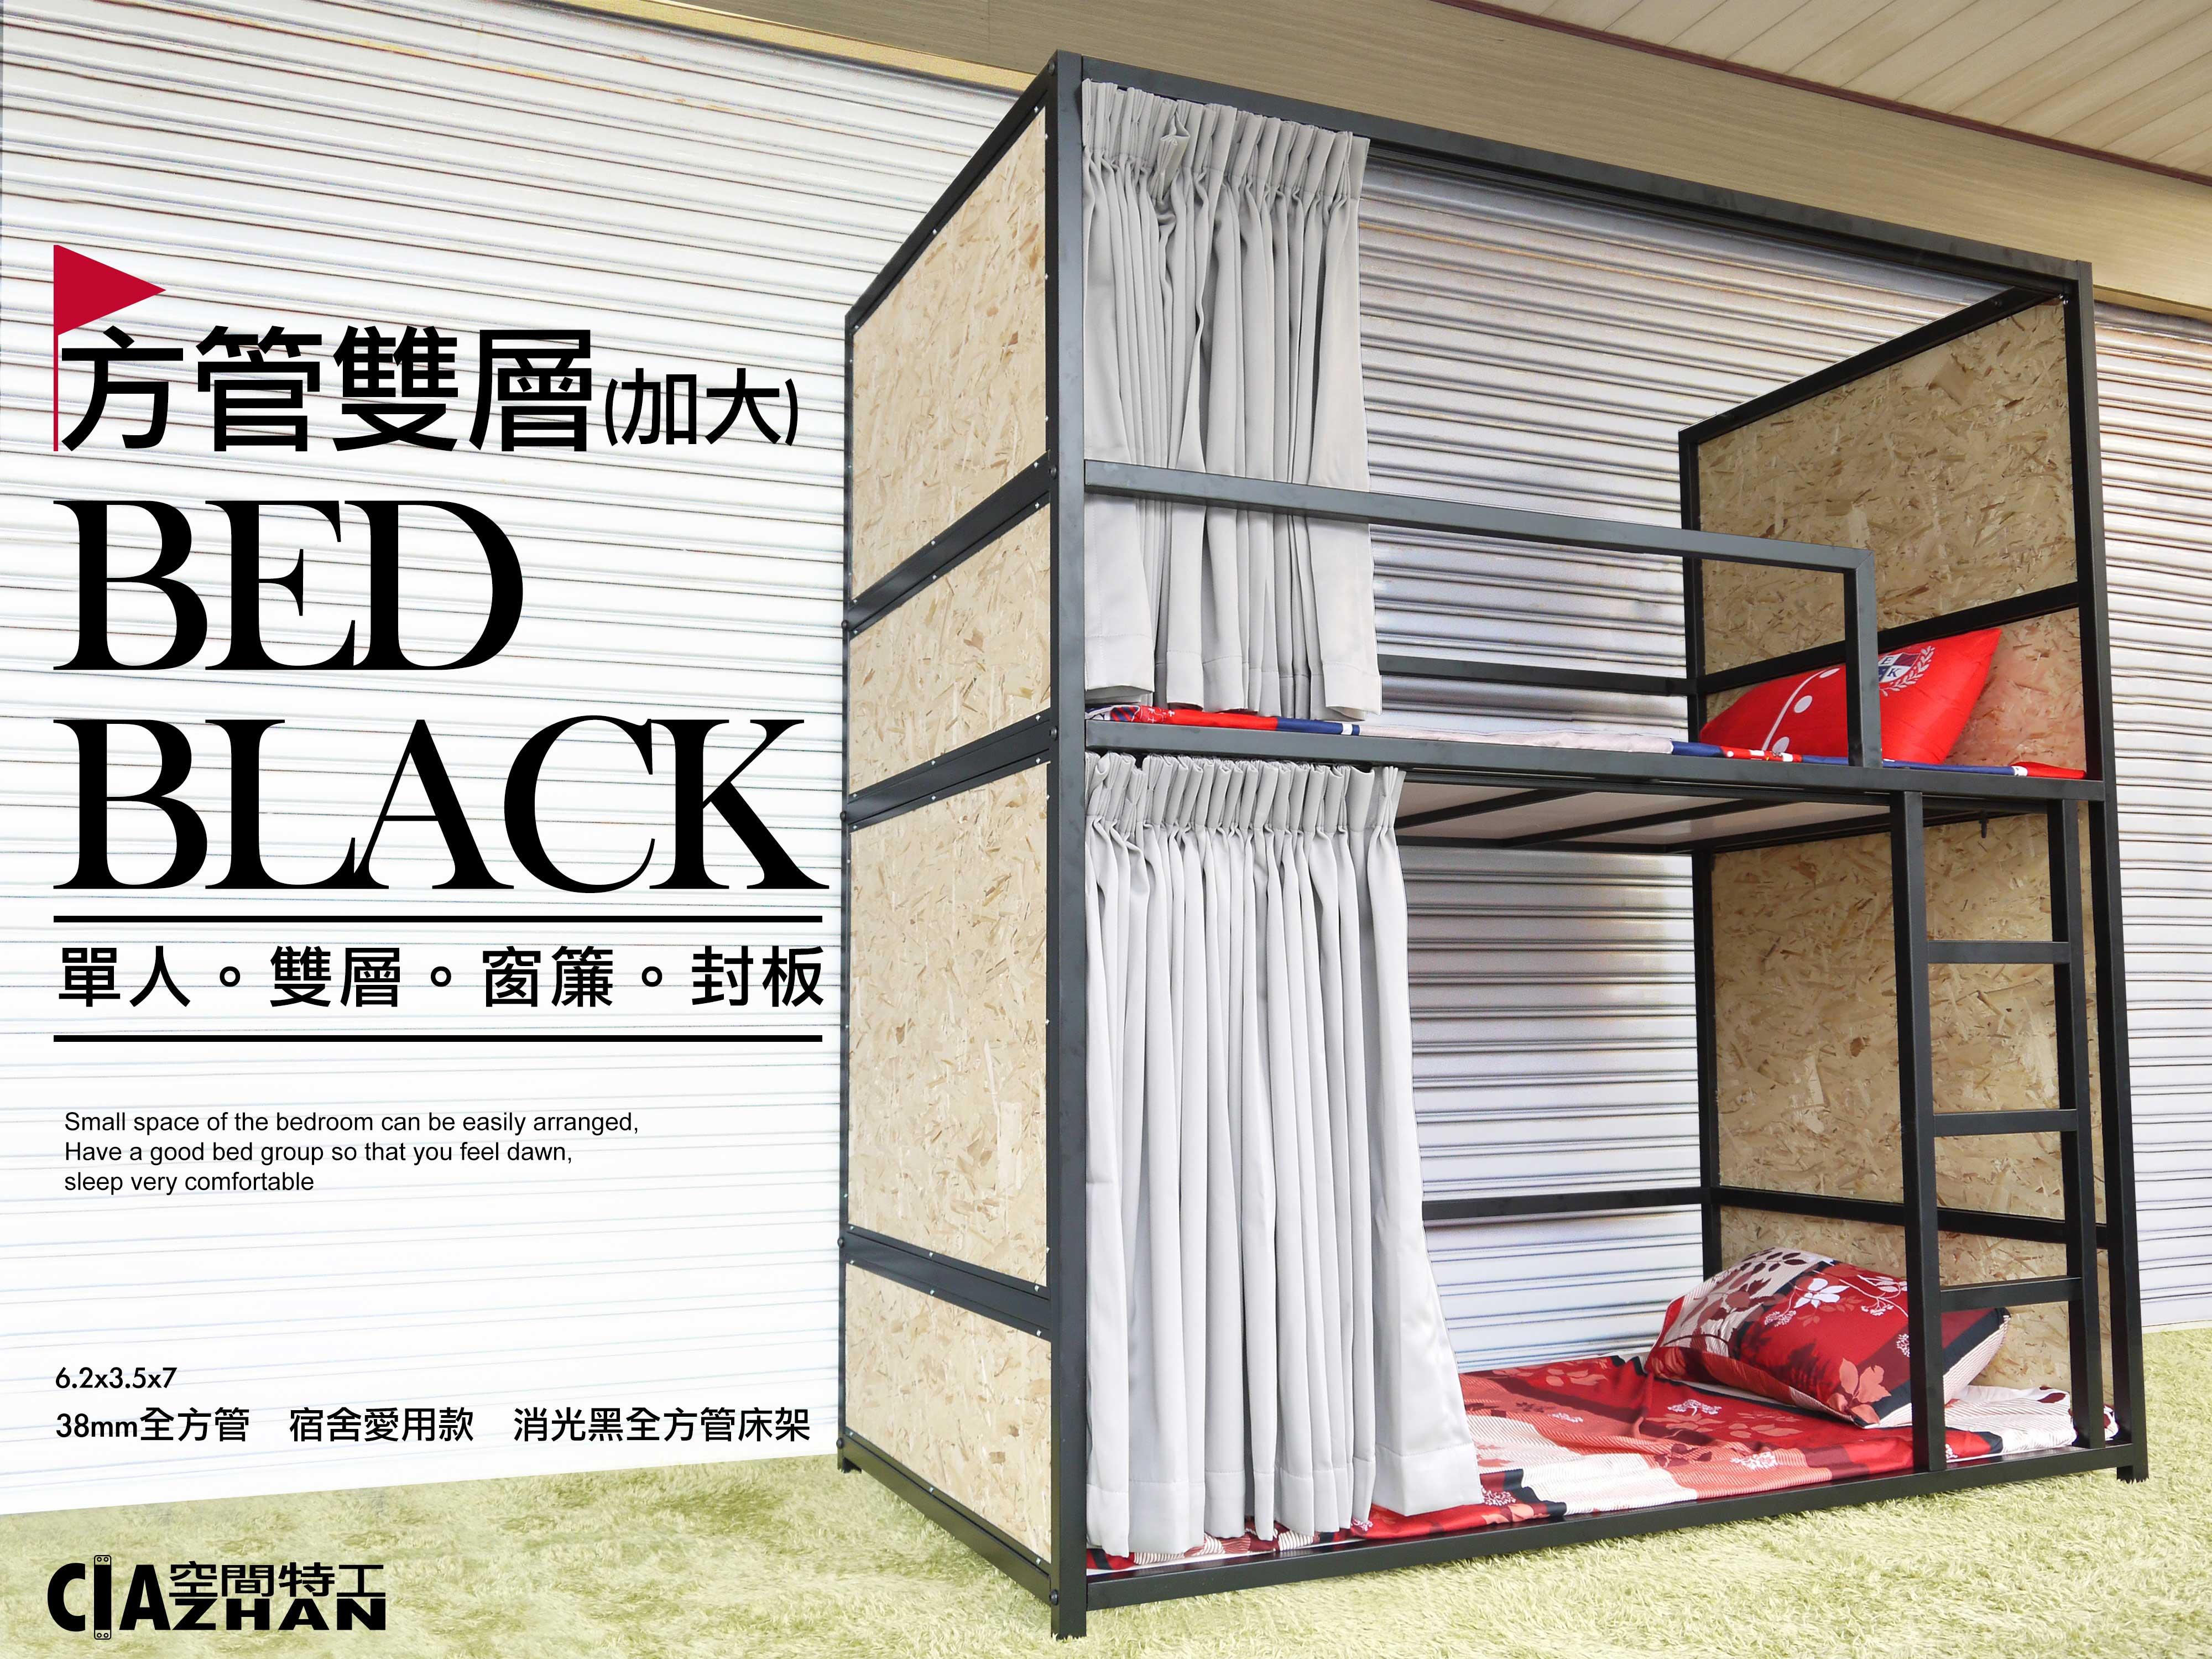 宿舍設計款床架/上下舖/床組/床底/封板款 3.5尺 38mm鐵管 雙層床單人(加大)床  空間特工【O5C718】